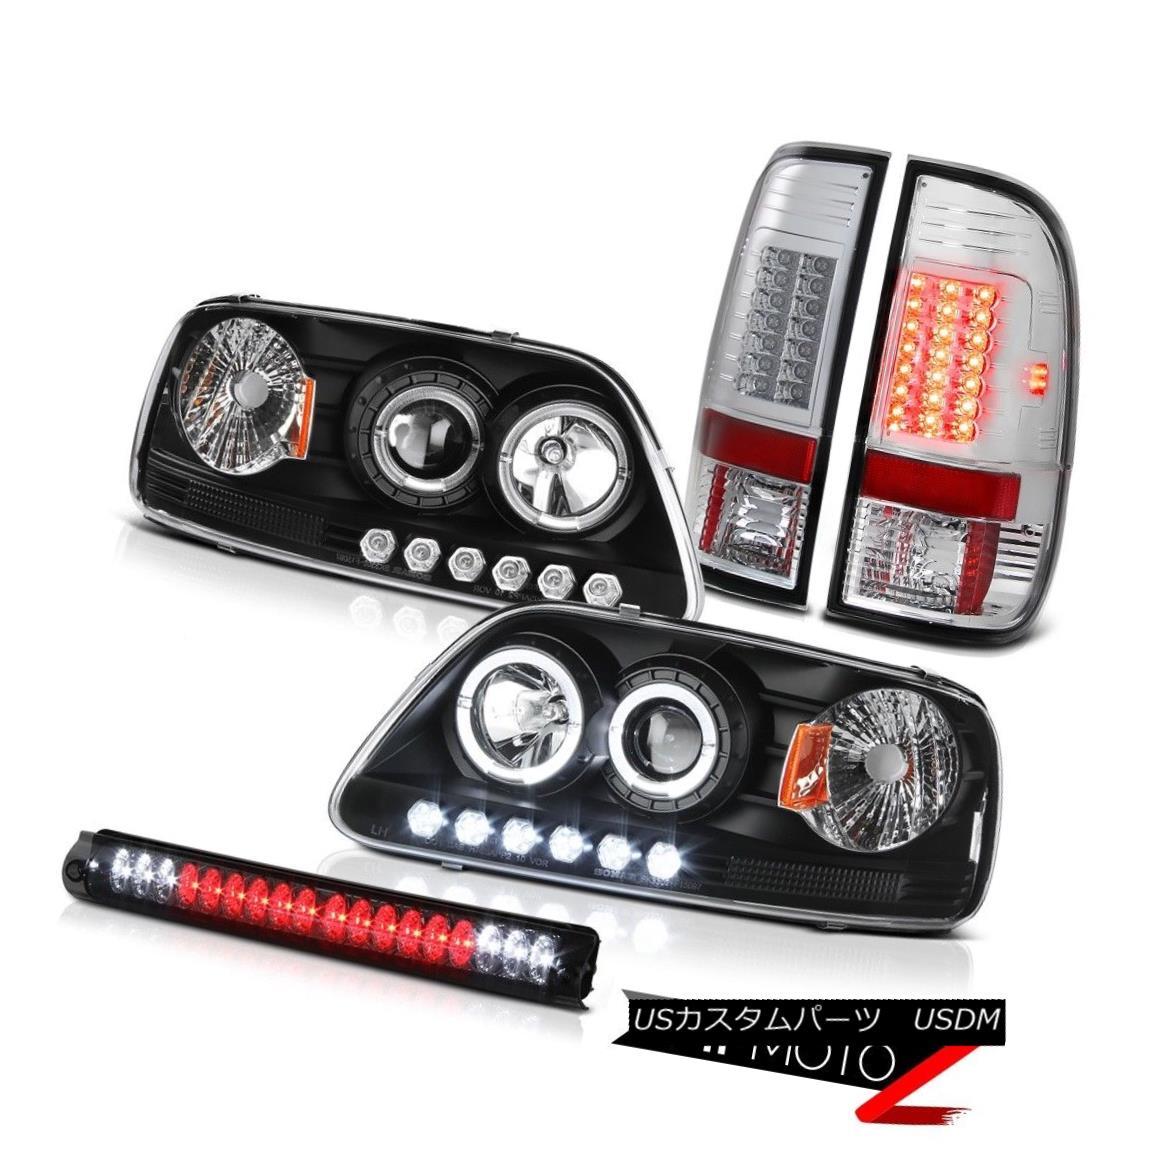 ヘッドライト 2001 2002 2003 F150 Black LED DRL Headlamp Bright Taillight Roof Stop Lamp Smoke 2001 2002 2003 F150ブラックLED DRLヘッドライトブライトテールライトルーフストップランプスモーク